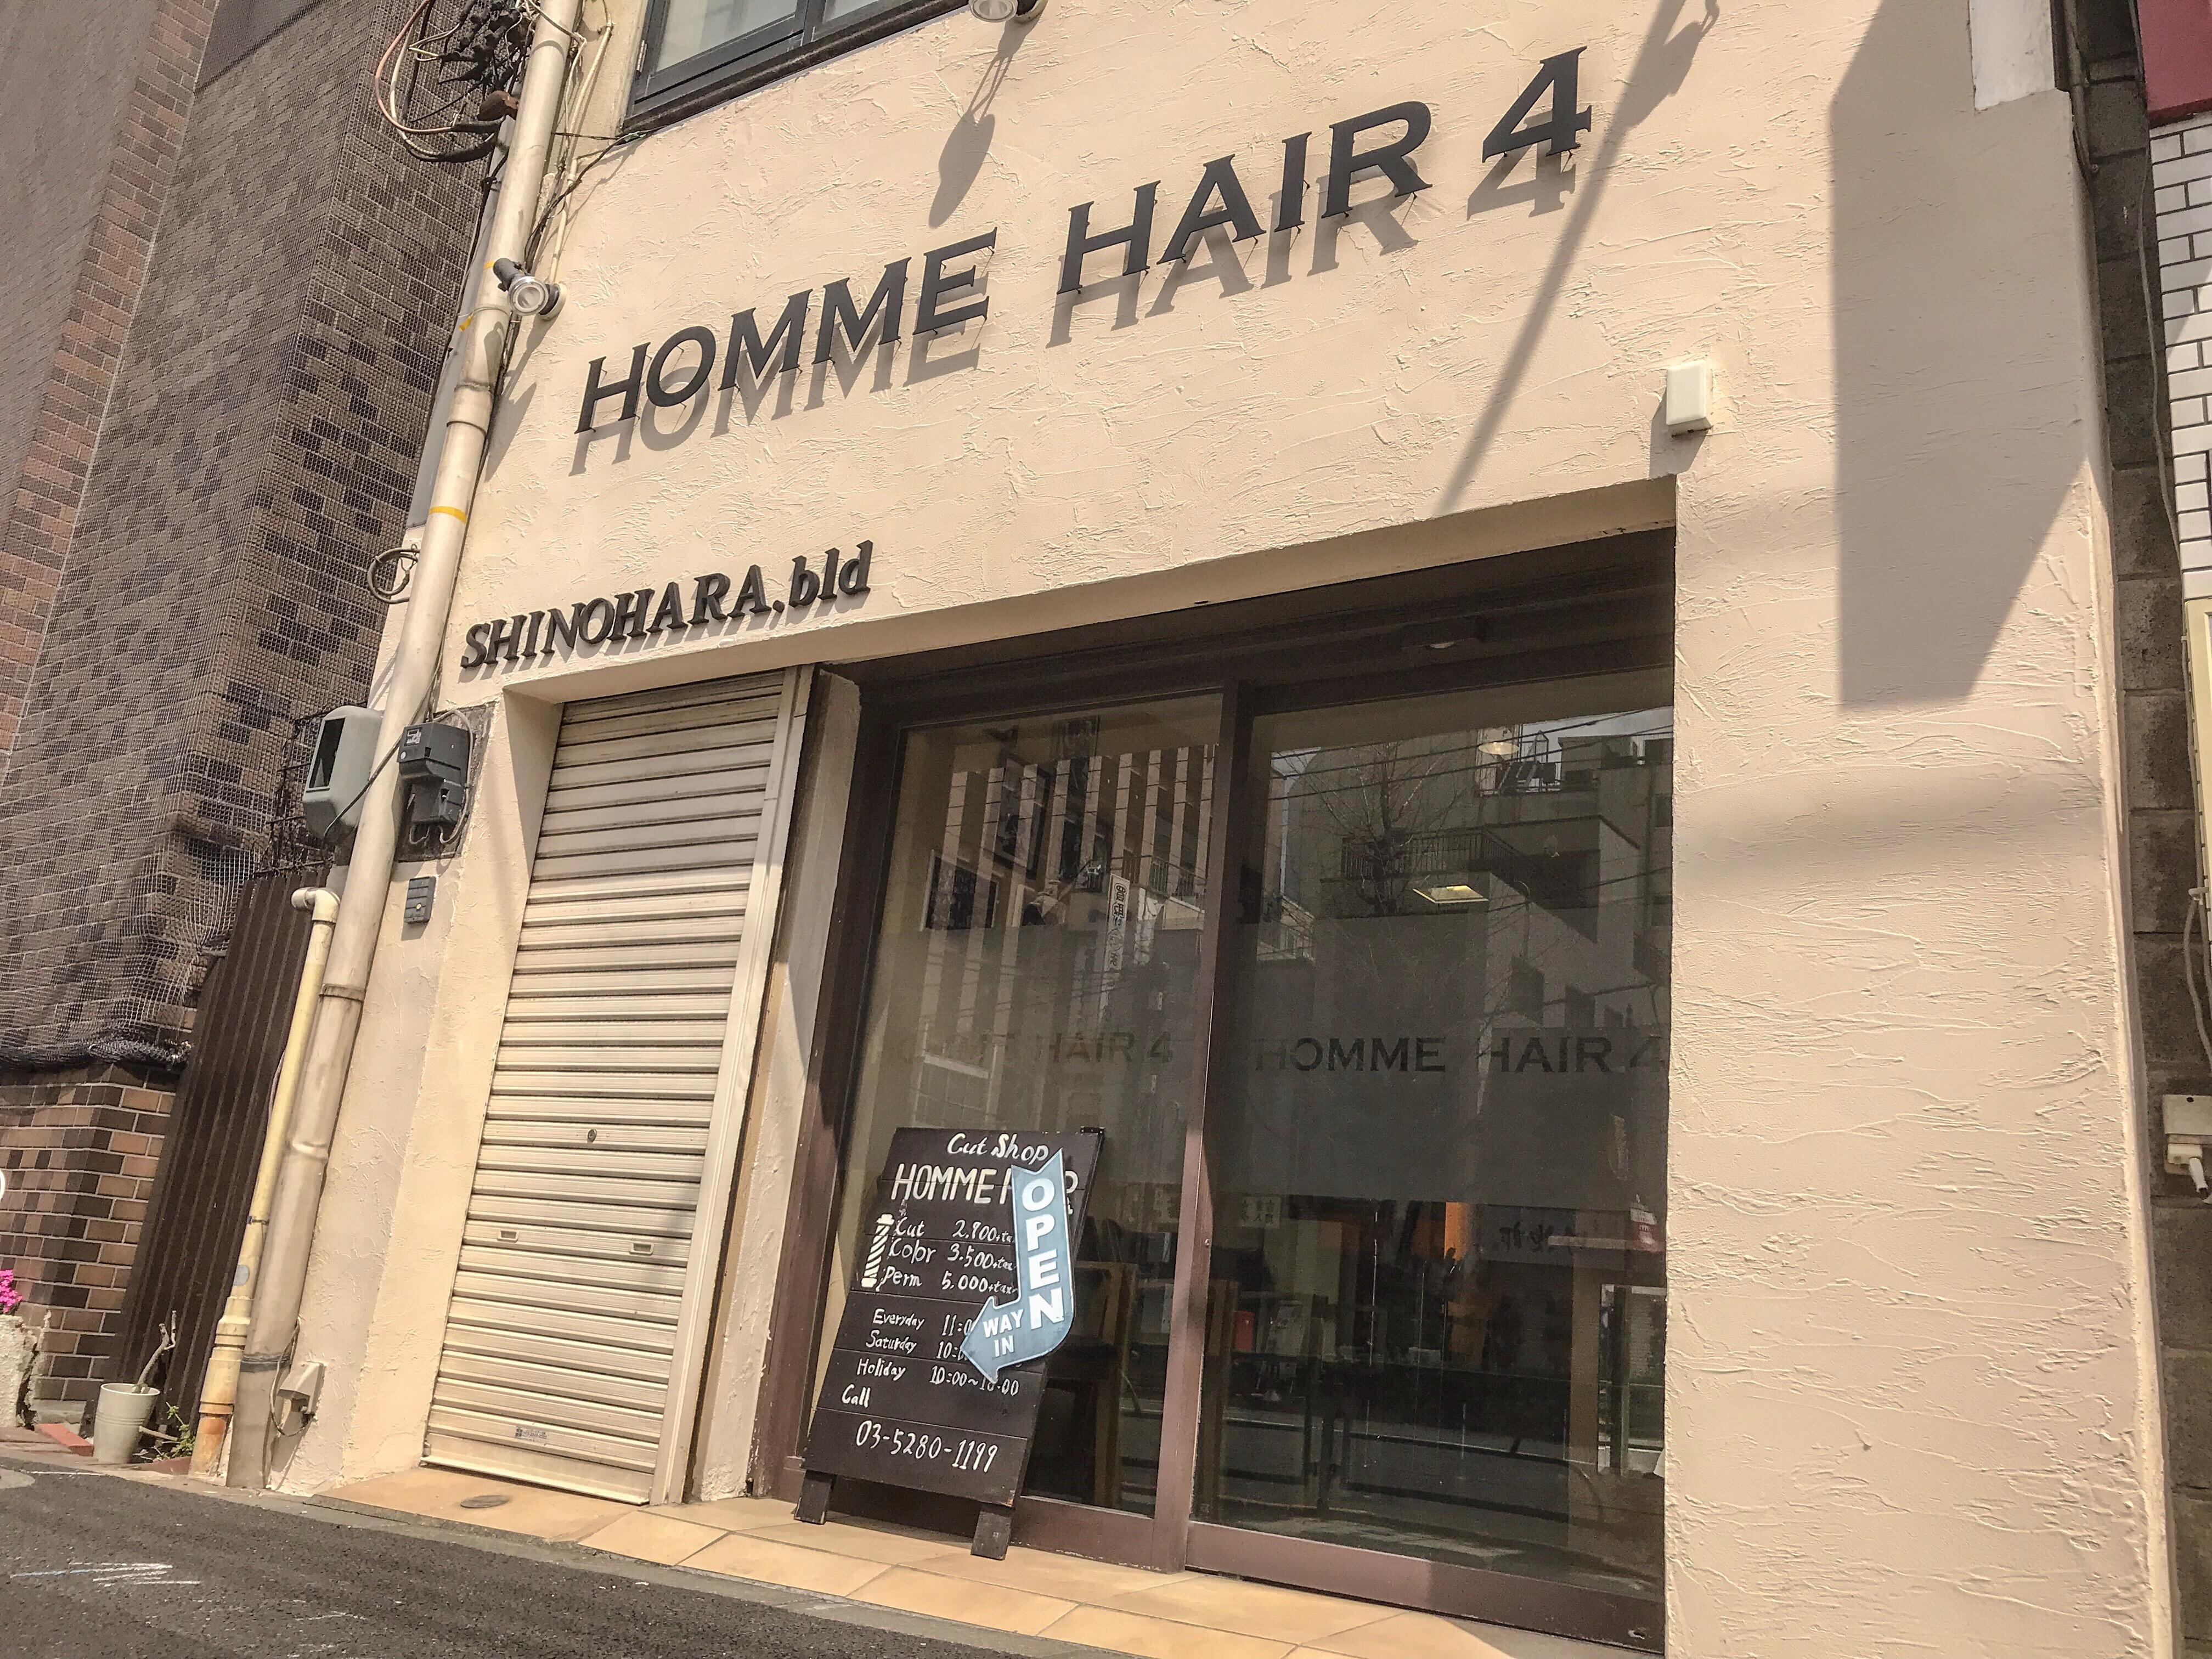 HOMME HAIR 4 写真3